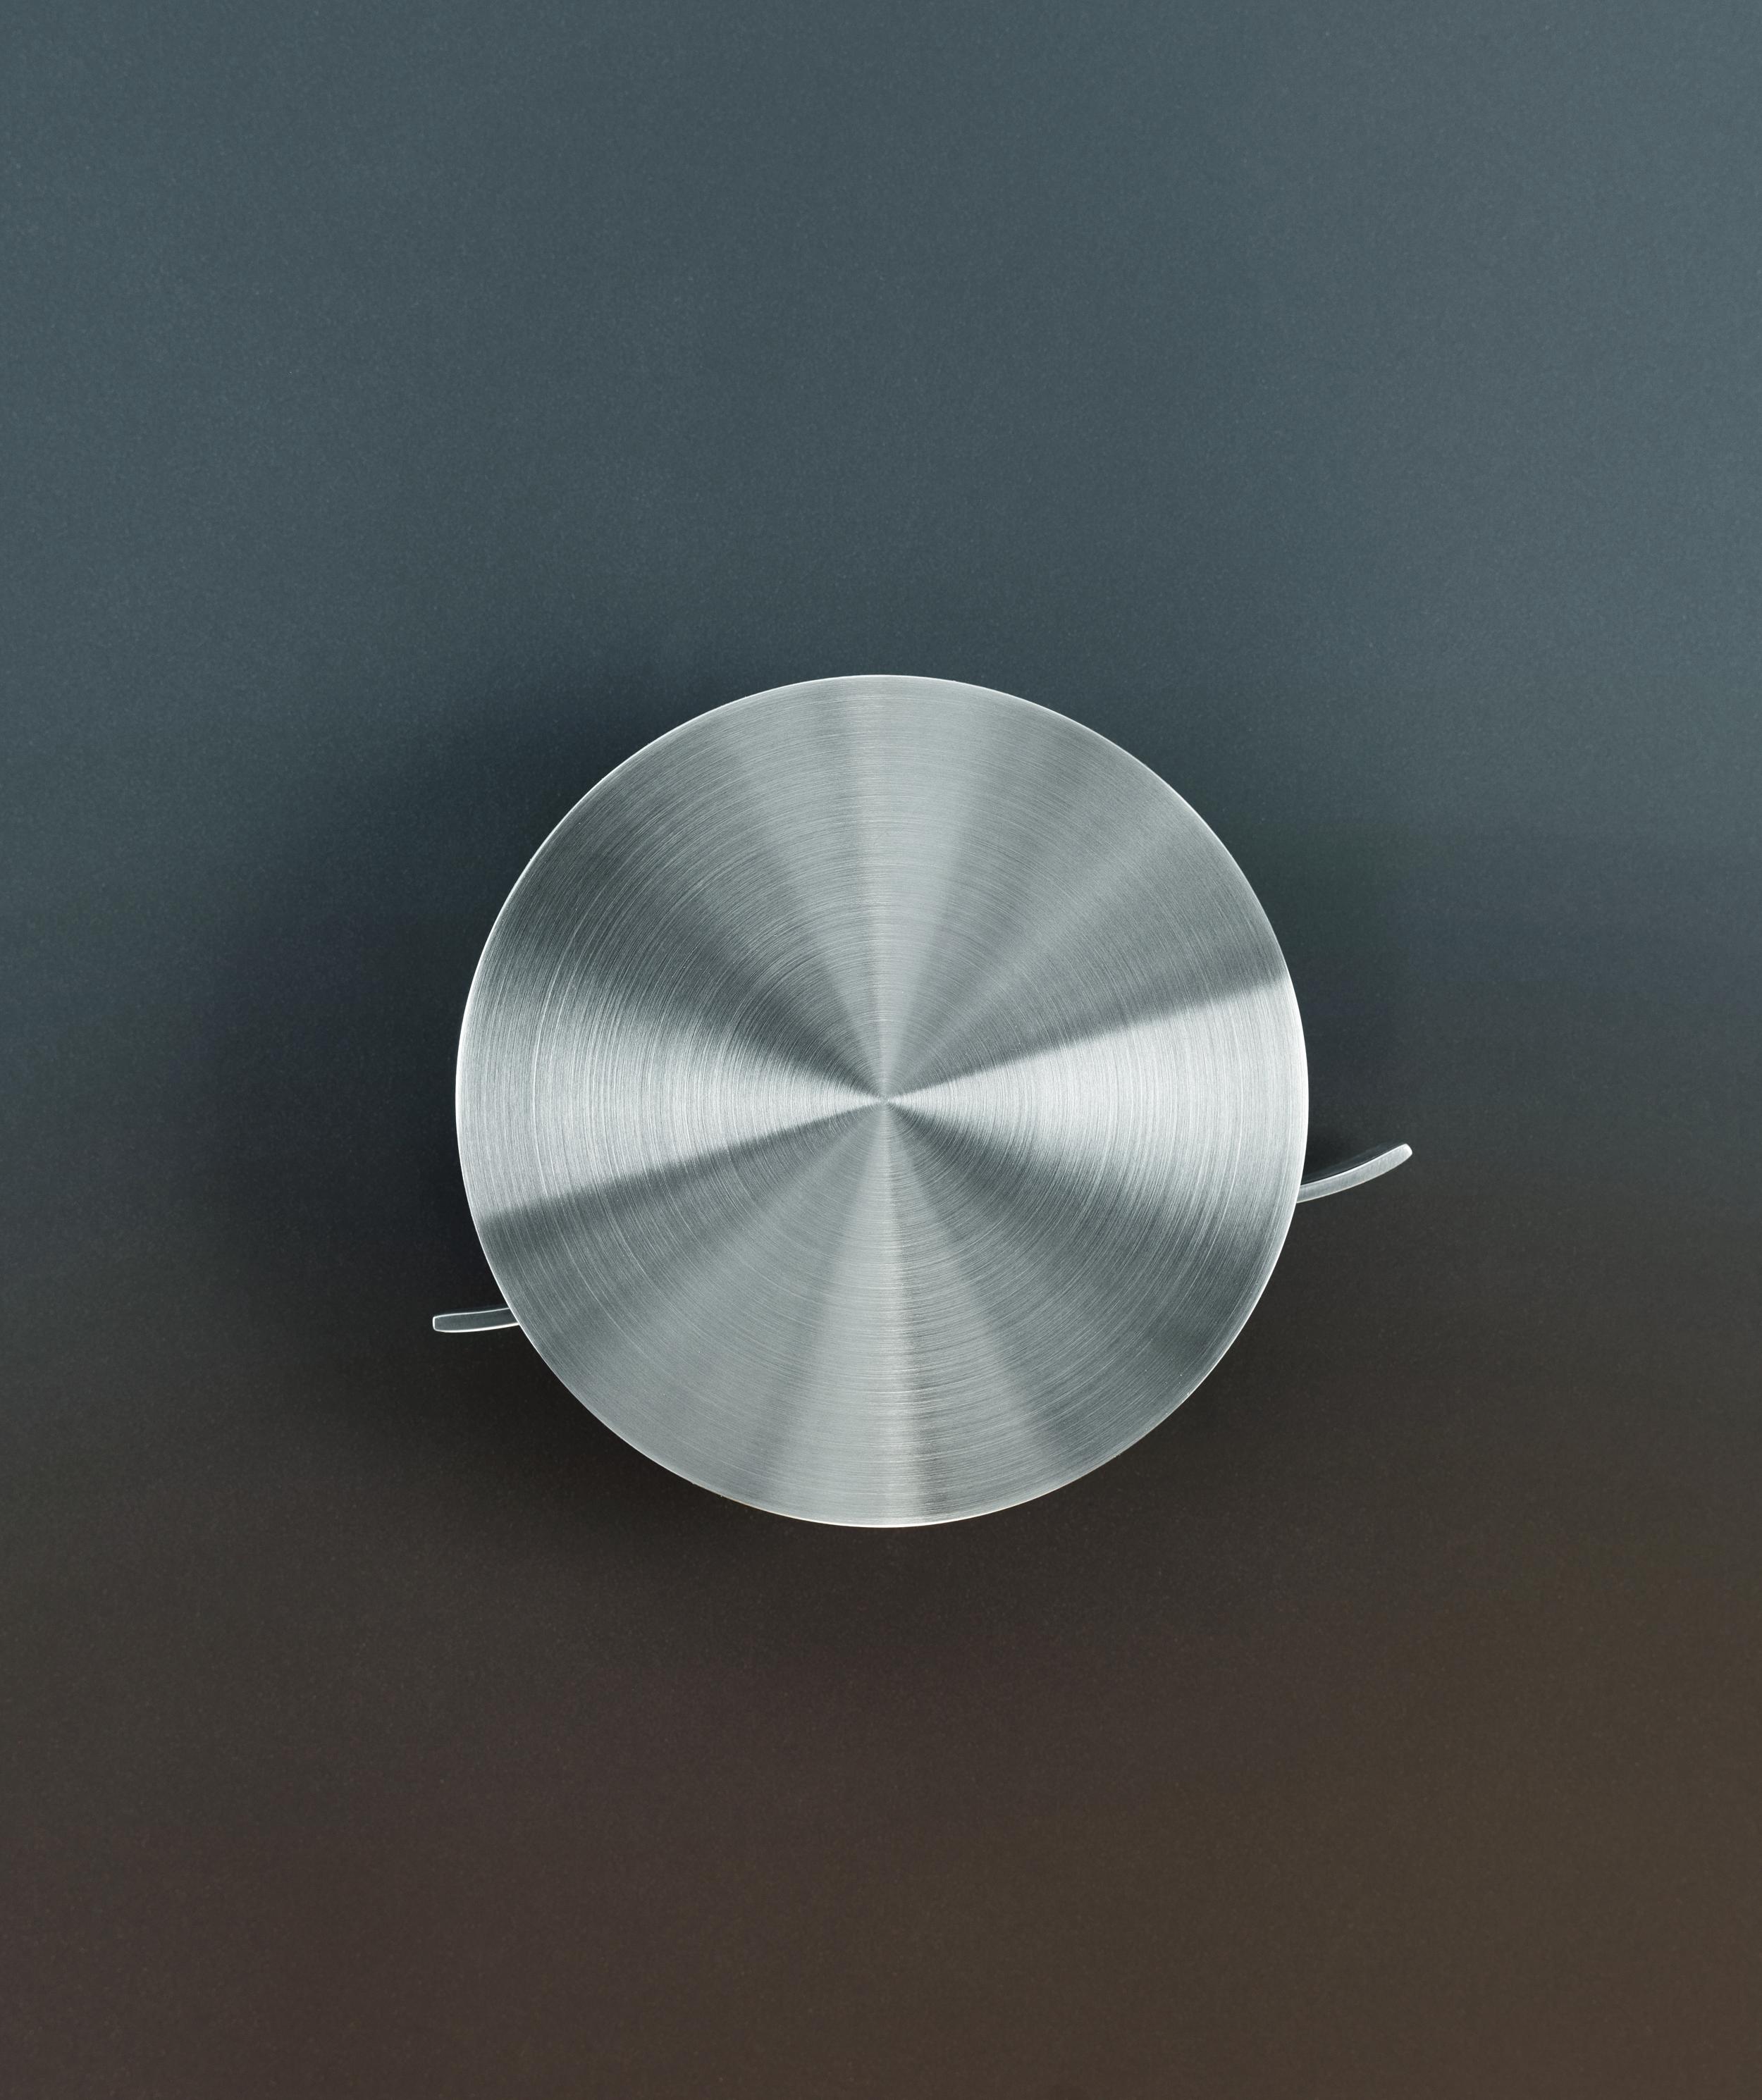 Contemporary Circle Wall Mount Mixer